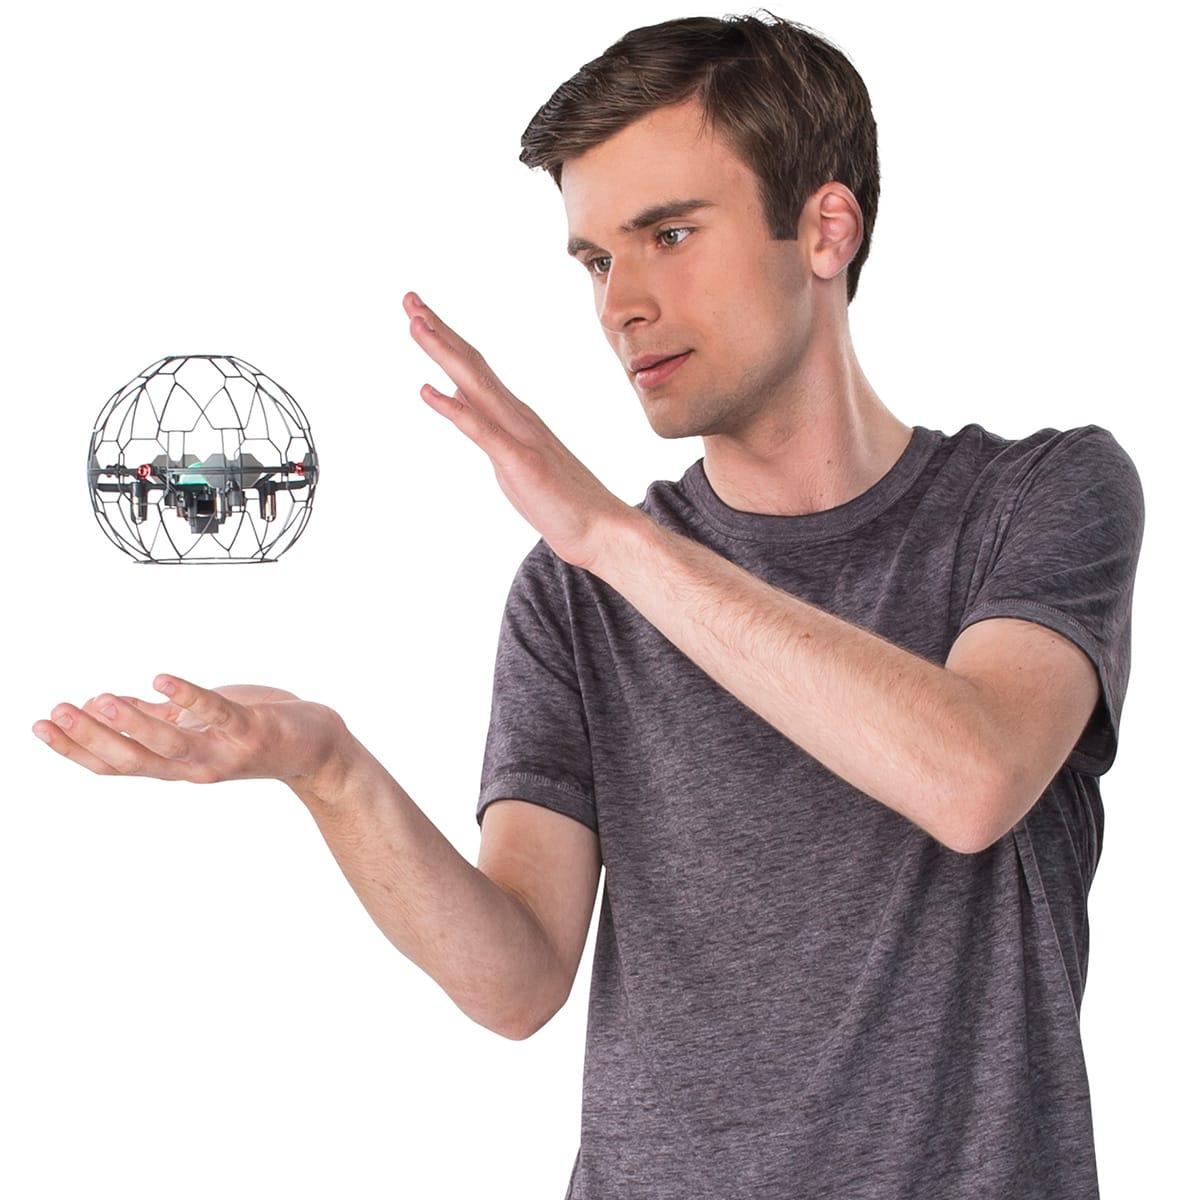 Ø 12 cm - Med mere end 30 handlinger i forskellige sværhedsgrader